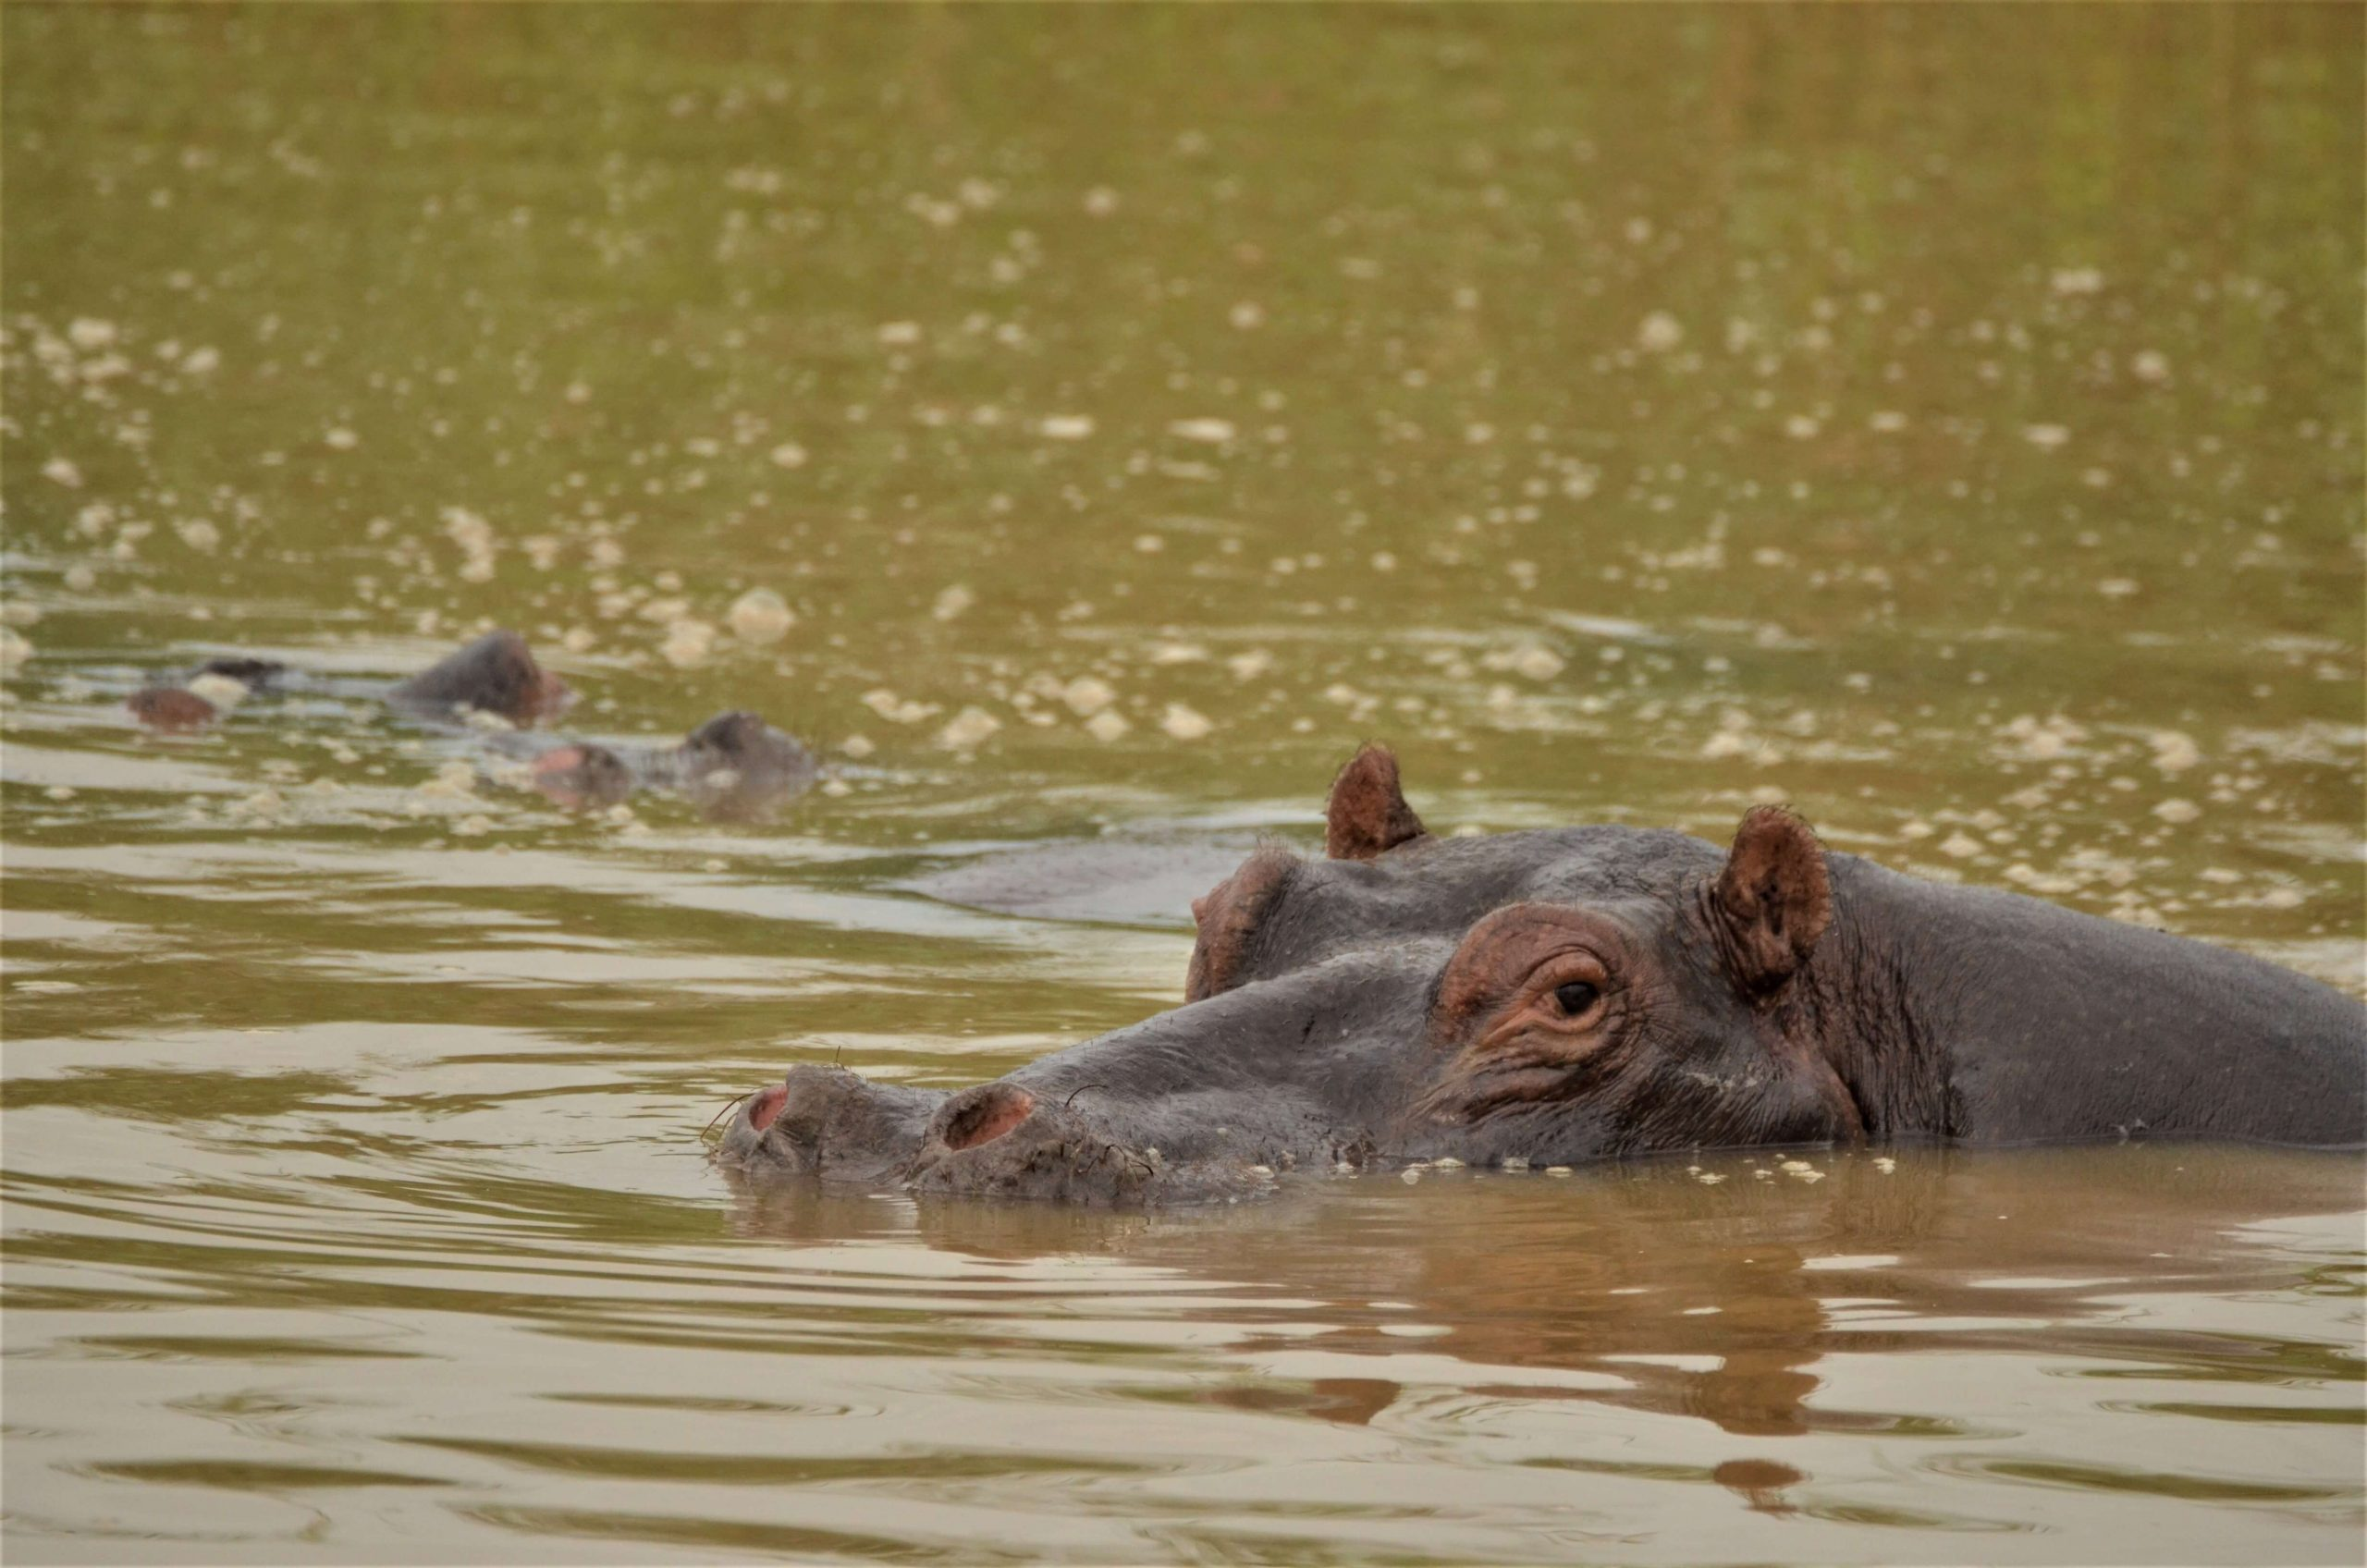 Hippopotamus in the river in Malawi